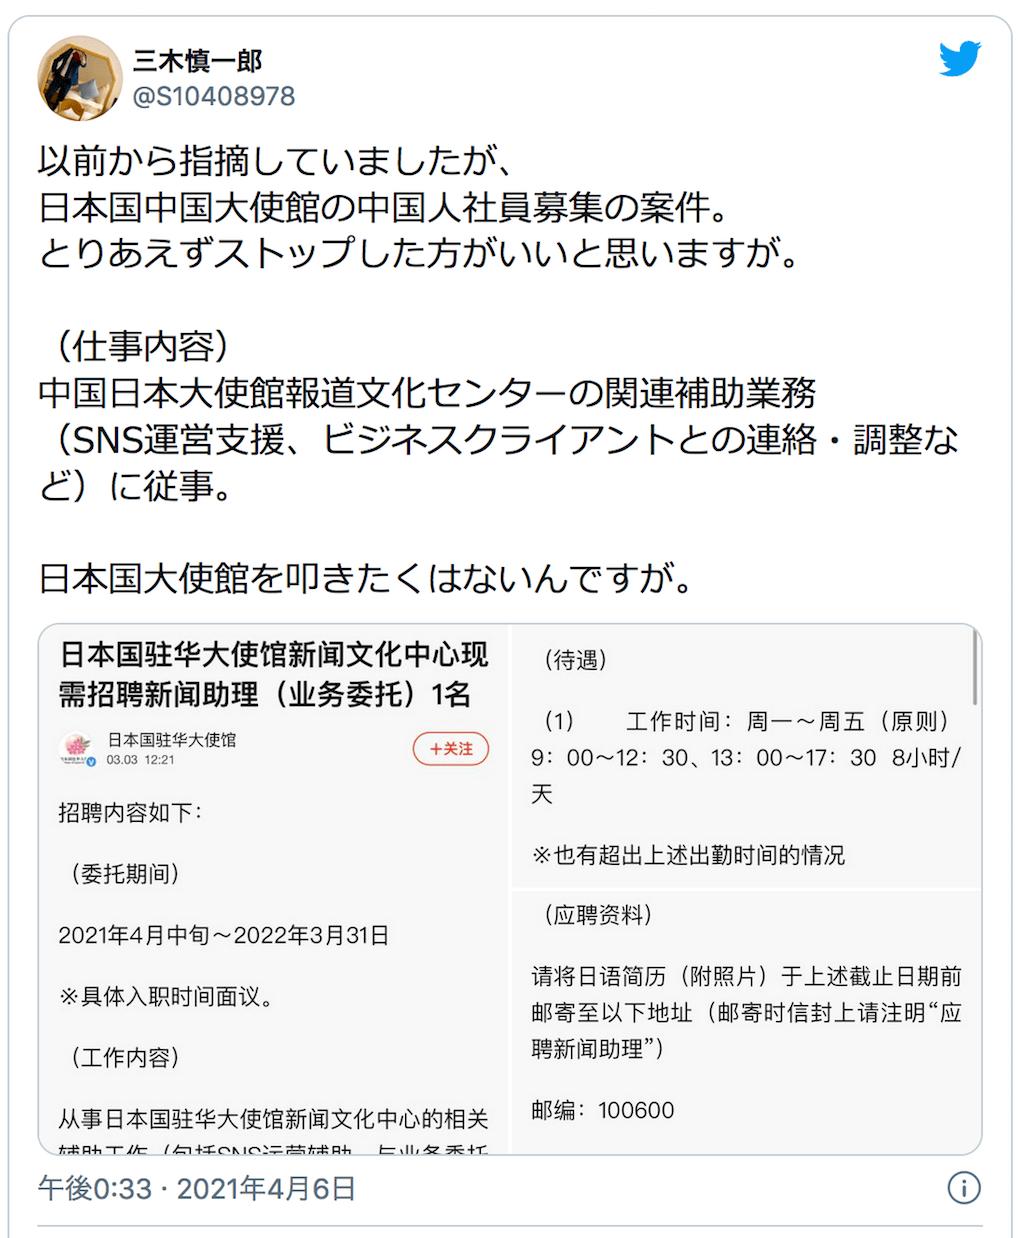 日本大使館で中国人社員を募集